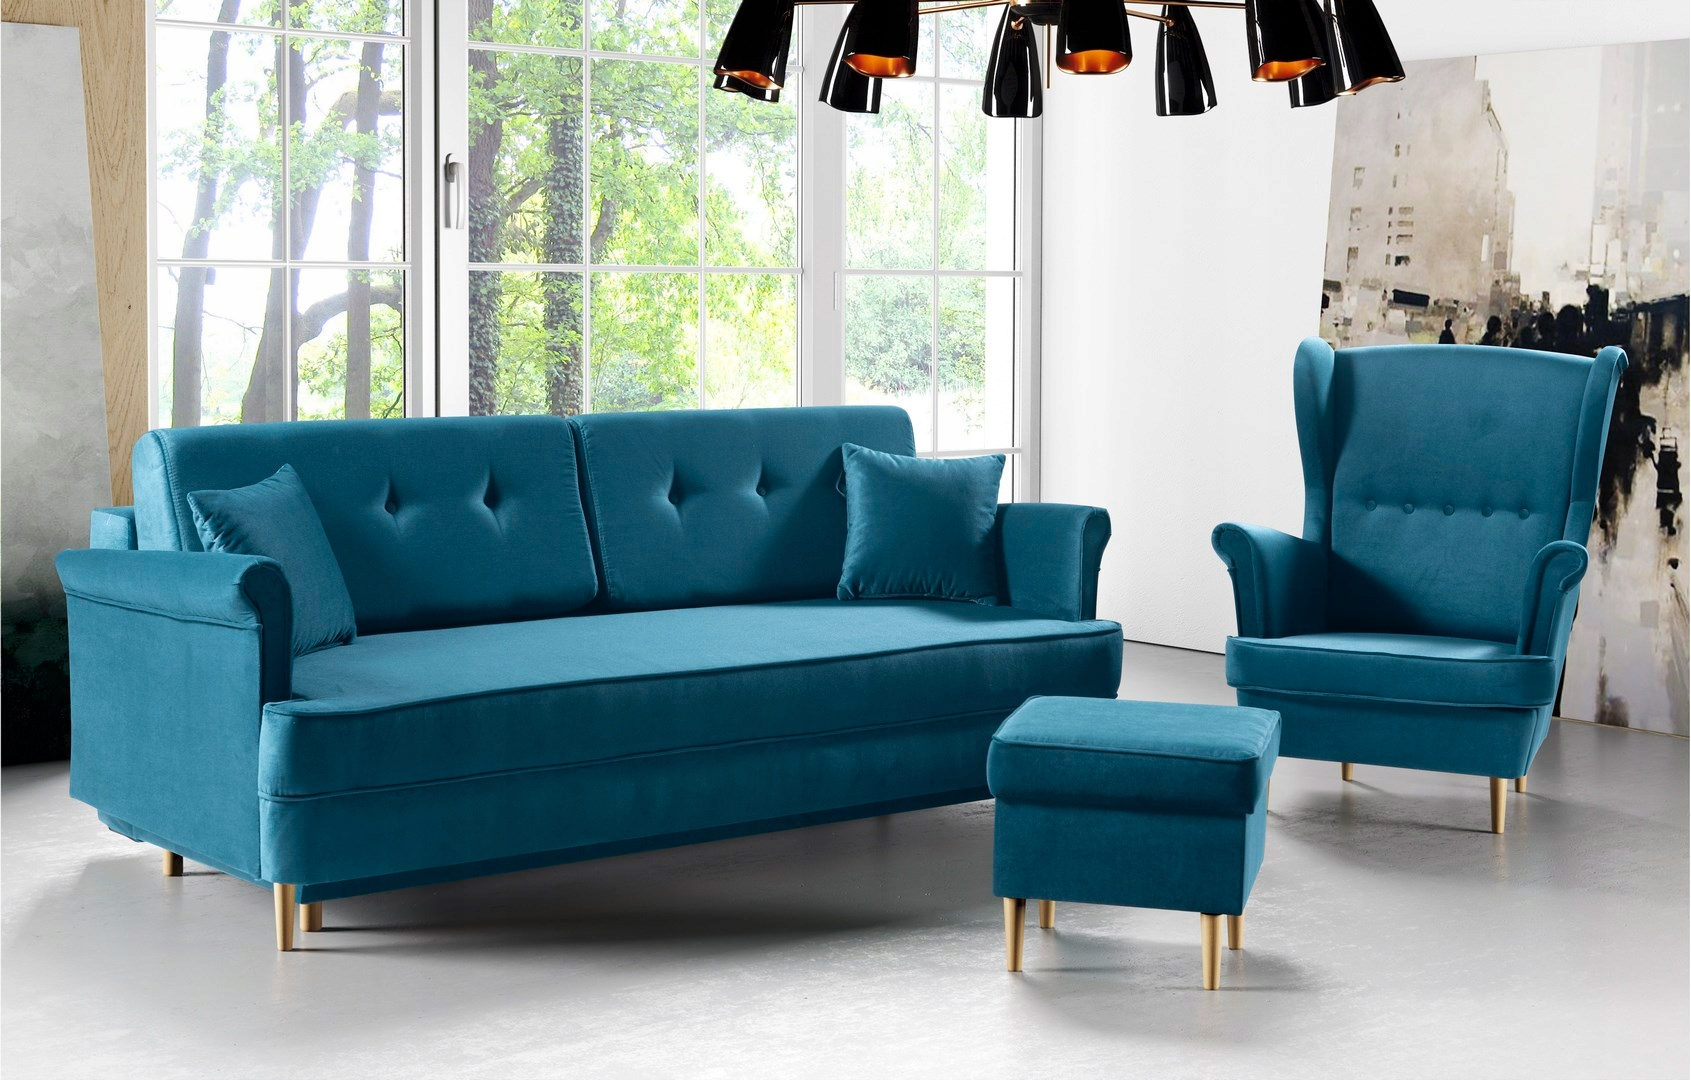 Couch LUIS stilvolles Sofa f. Schlafbehälterfarben Farbe rosa Polsterung